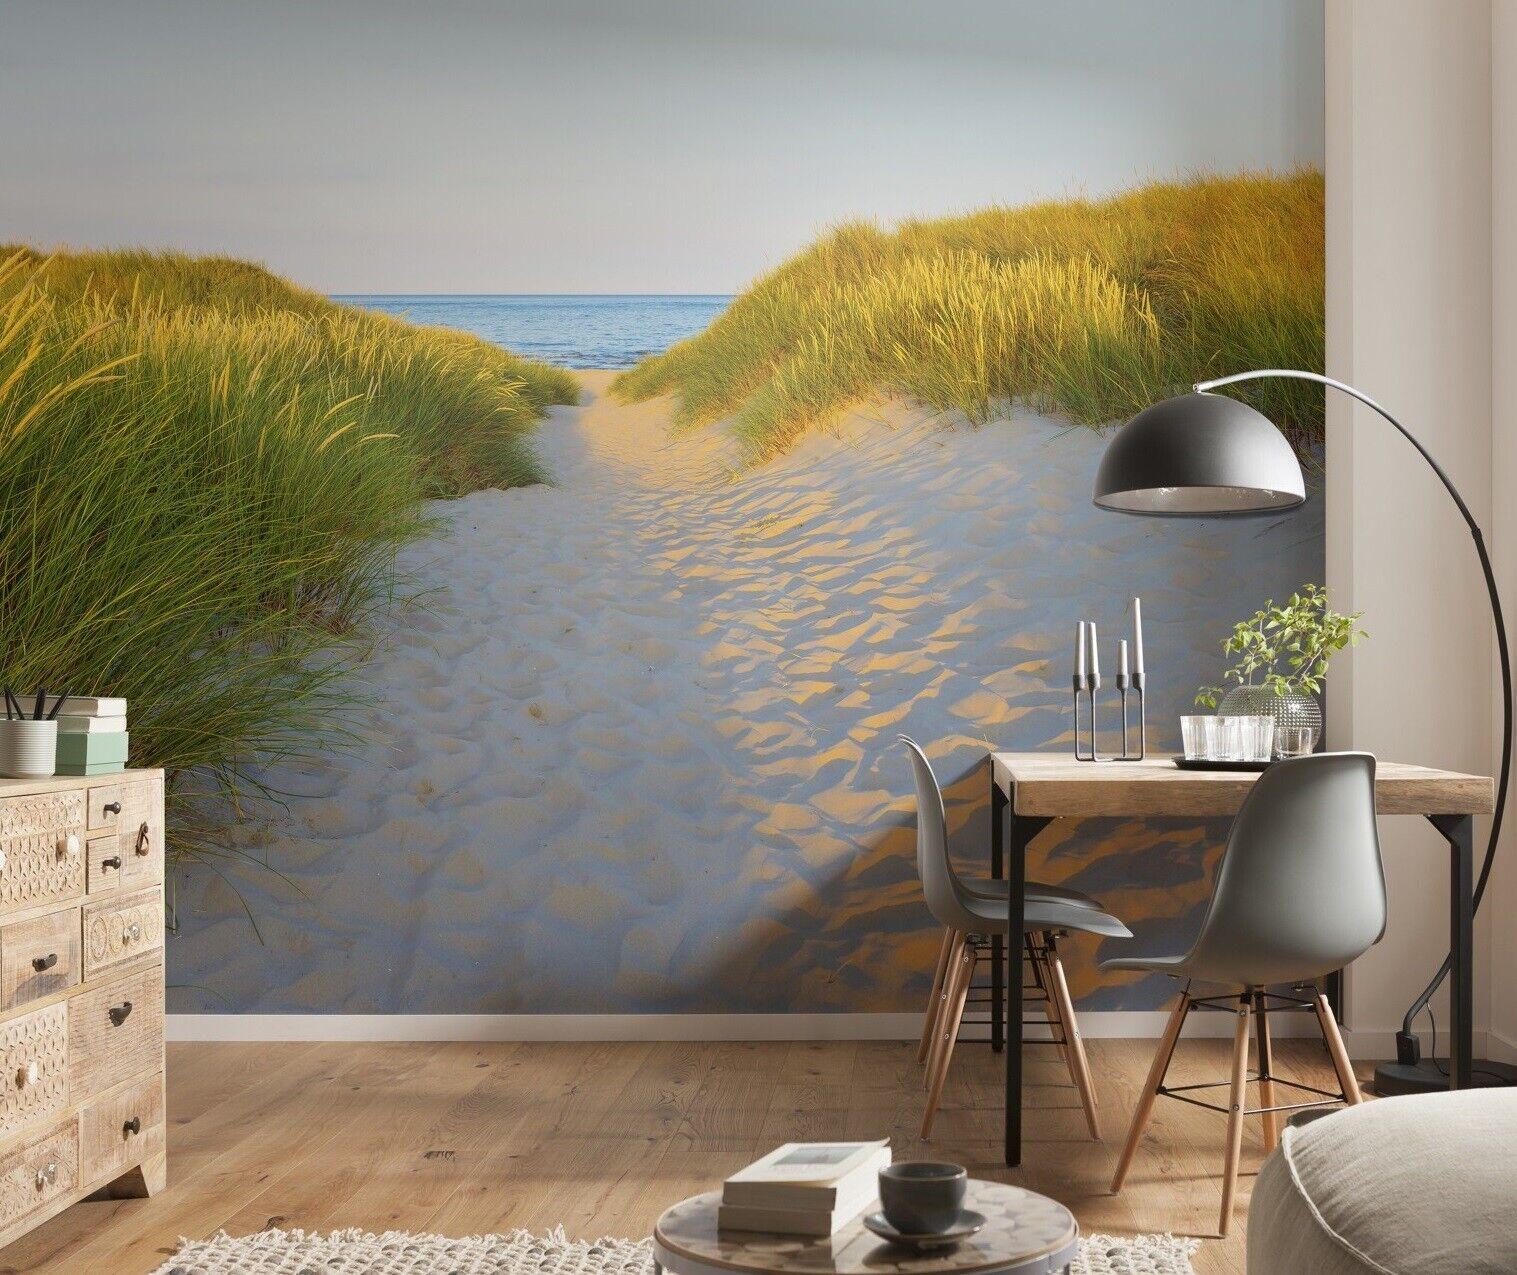 368x254cm Giant Wall mural wallpaper living room decor Seaside beach scene